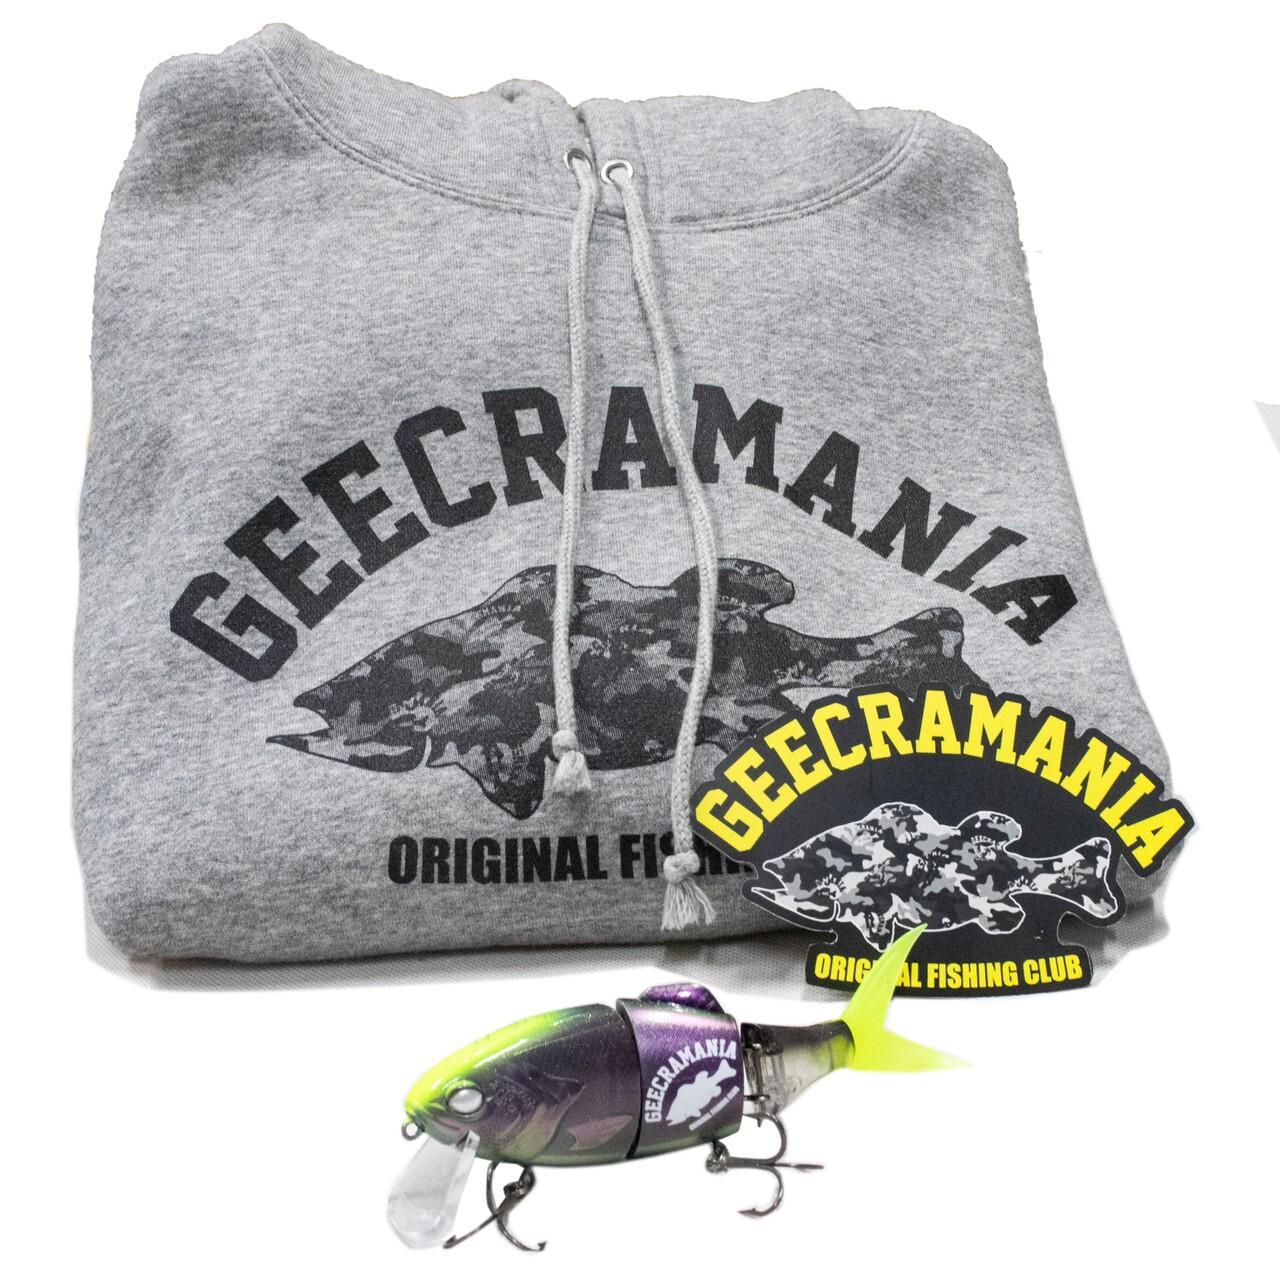 【bassmania×GEECRACK】GEECRAMANIA ハロウィン リミテッド SET  [GRY] 【限定】[10月下旬配送][同梱不可]